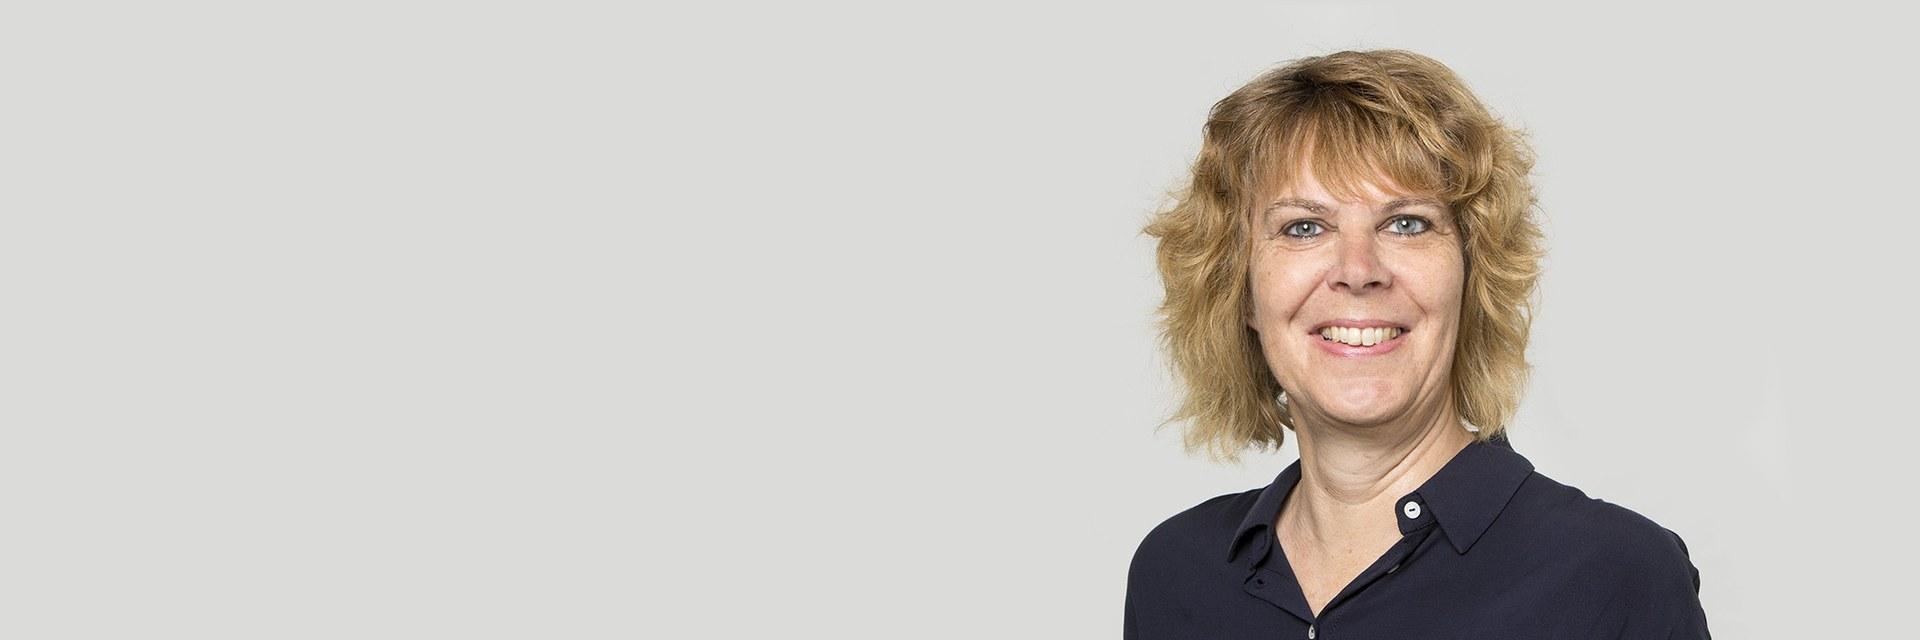 Susanne Stier